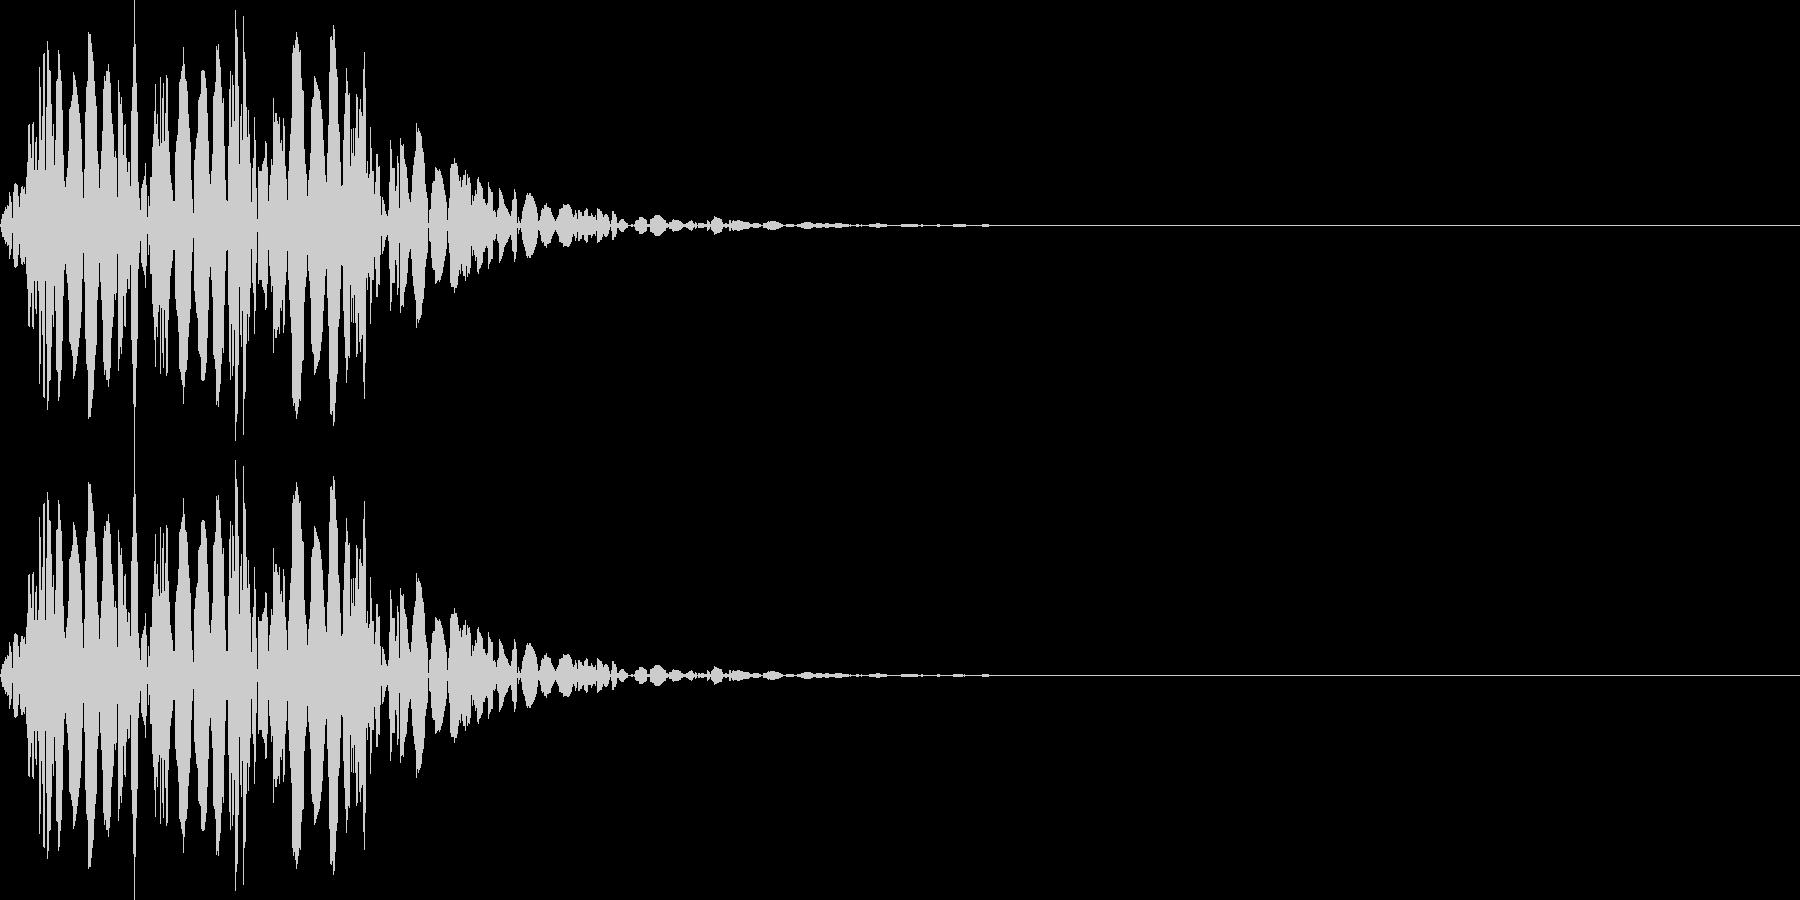 打撃音(マイナス_低音_ダメージ_鈍い)の未再生の波形